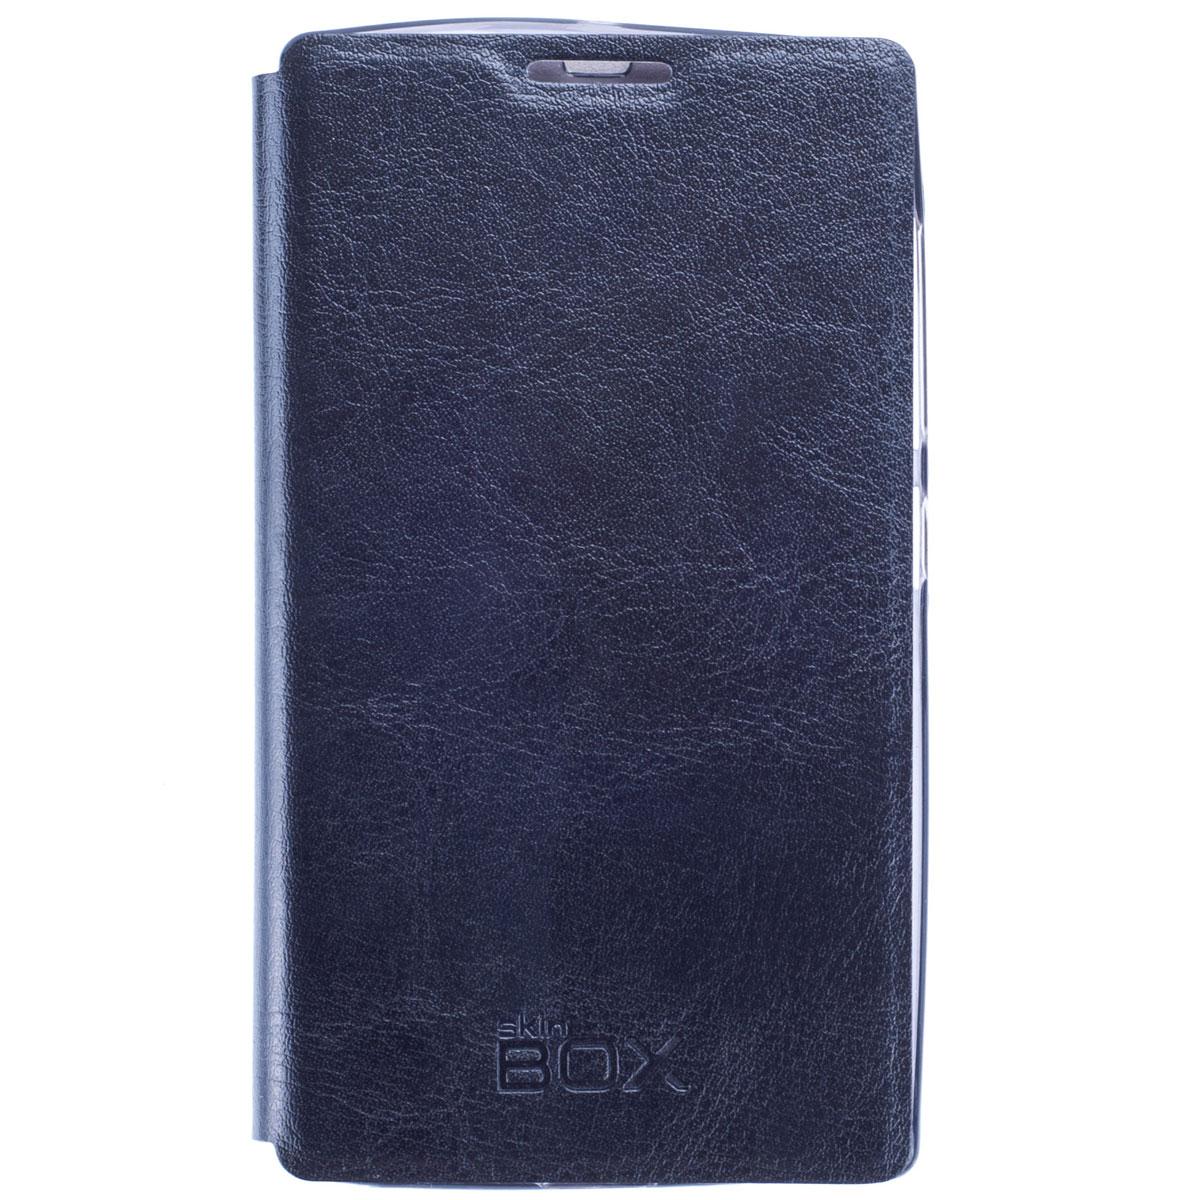 Skinbox Lux чехол для Microsoft Lumia 532, BlackT-S-ML532-003Чехол Skinbox Lux выполнен из высококачественного поликарбоната и экокожи. Он обеспечивает надежную защиту корпуса и экрана смартфона и надолго сохраняет его привлекательный внешний вид. Чехол также обеспечивает свободный доступ ко всем разъемам и клавишам устройства.